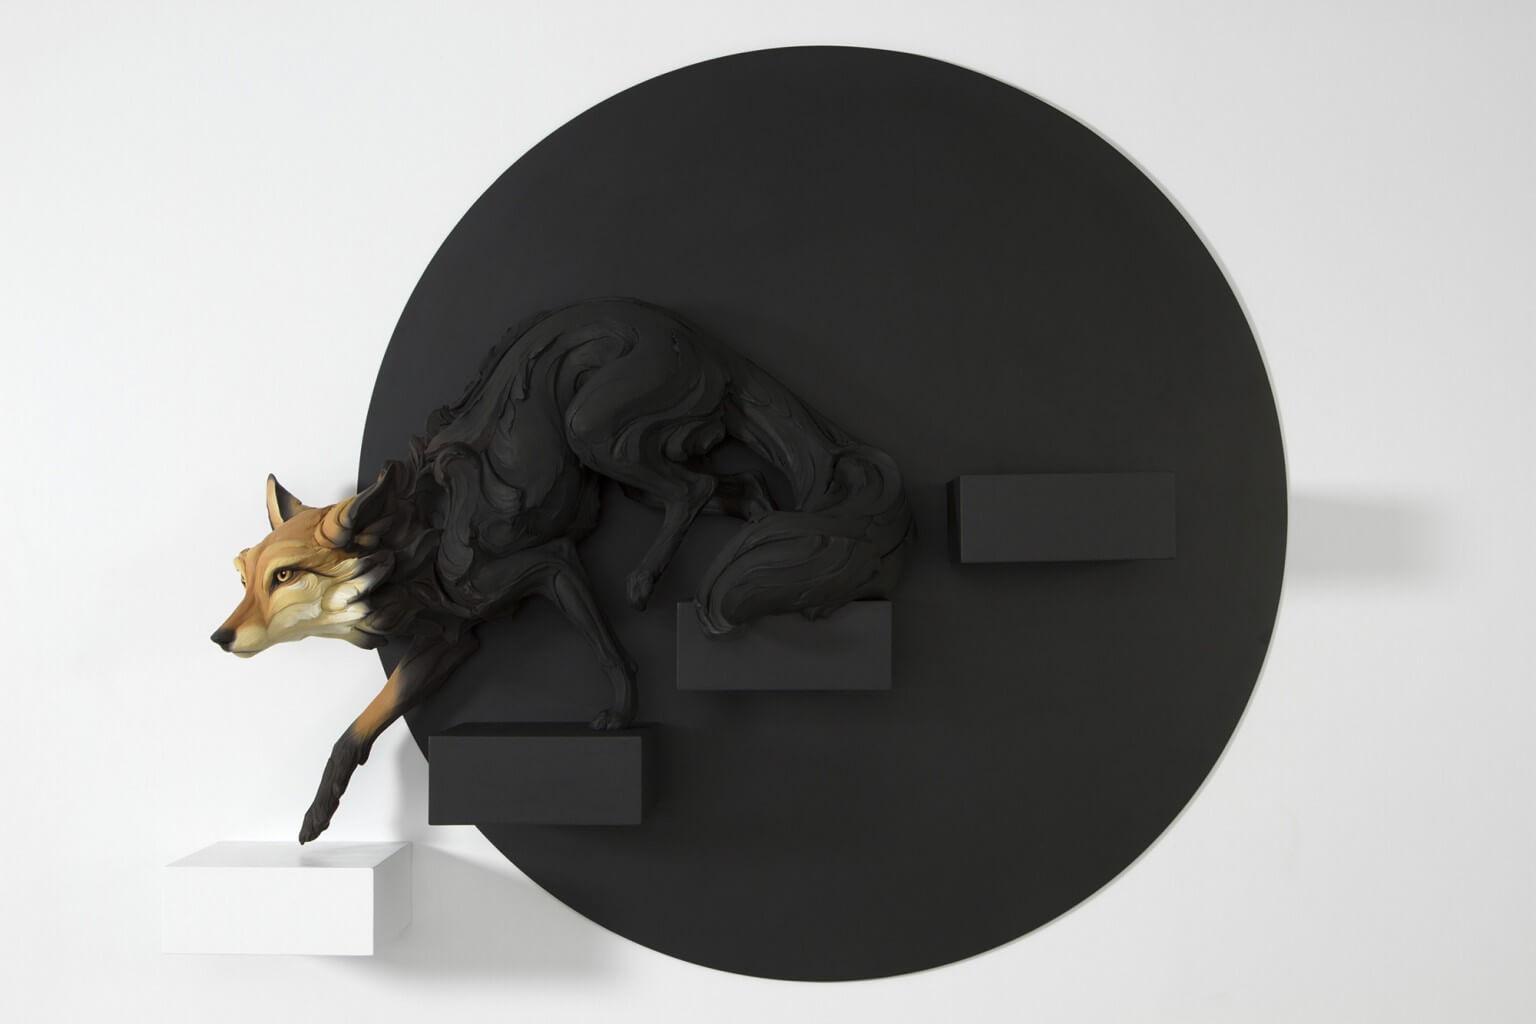 скульптуры животных с человеческими эмоциями, фото 1